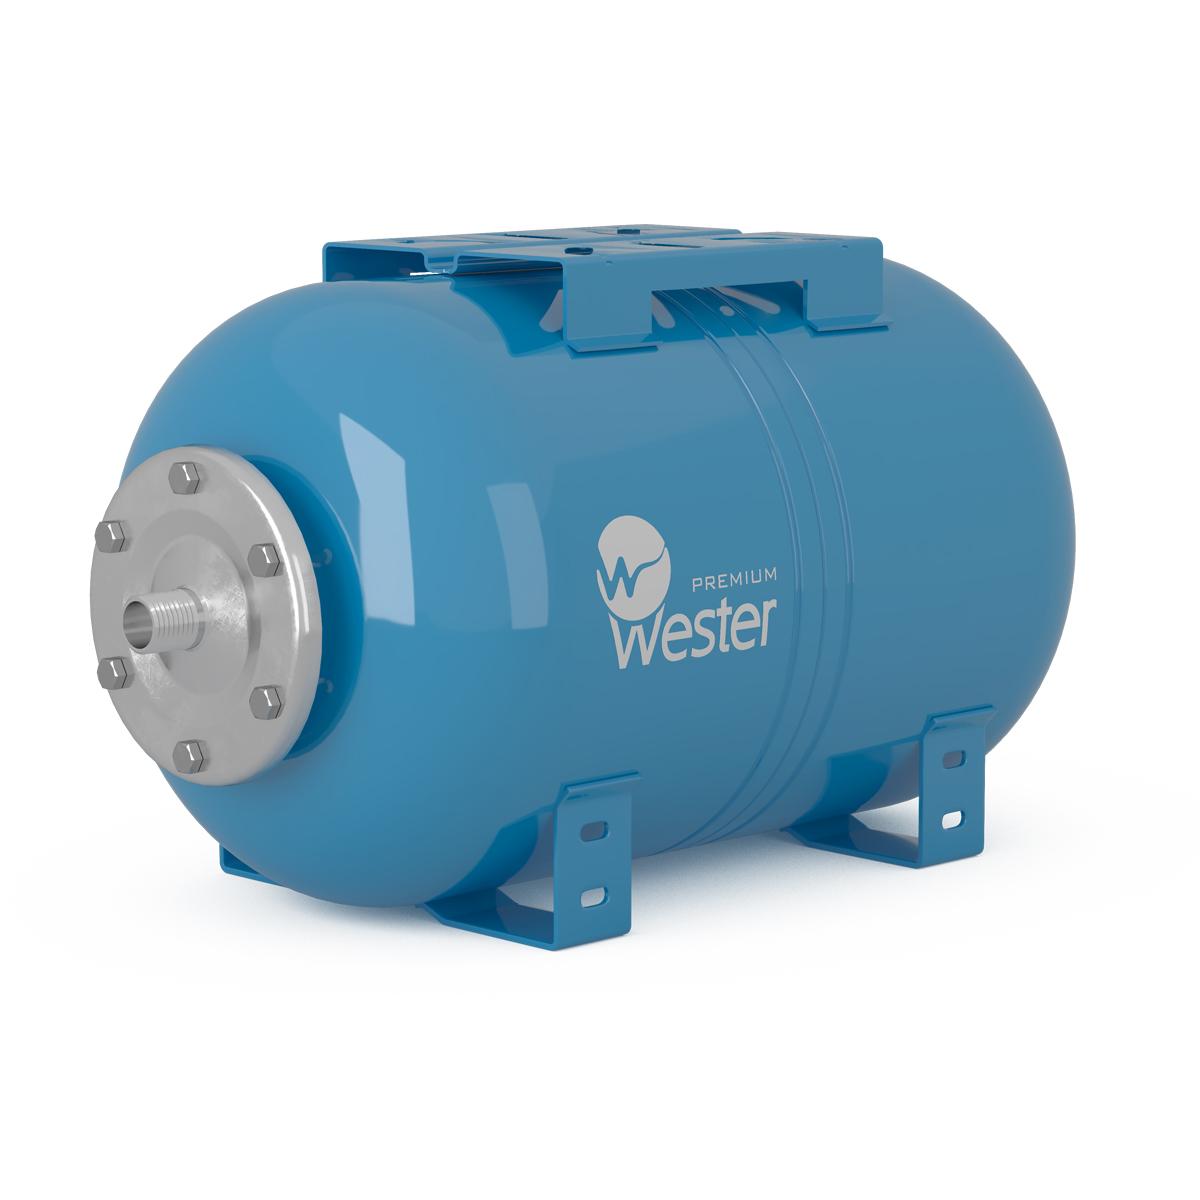 Бак мембранный для водоснабжения гориз-ный Wester Premium WAO150 нерж. контрфланец